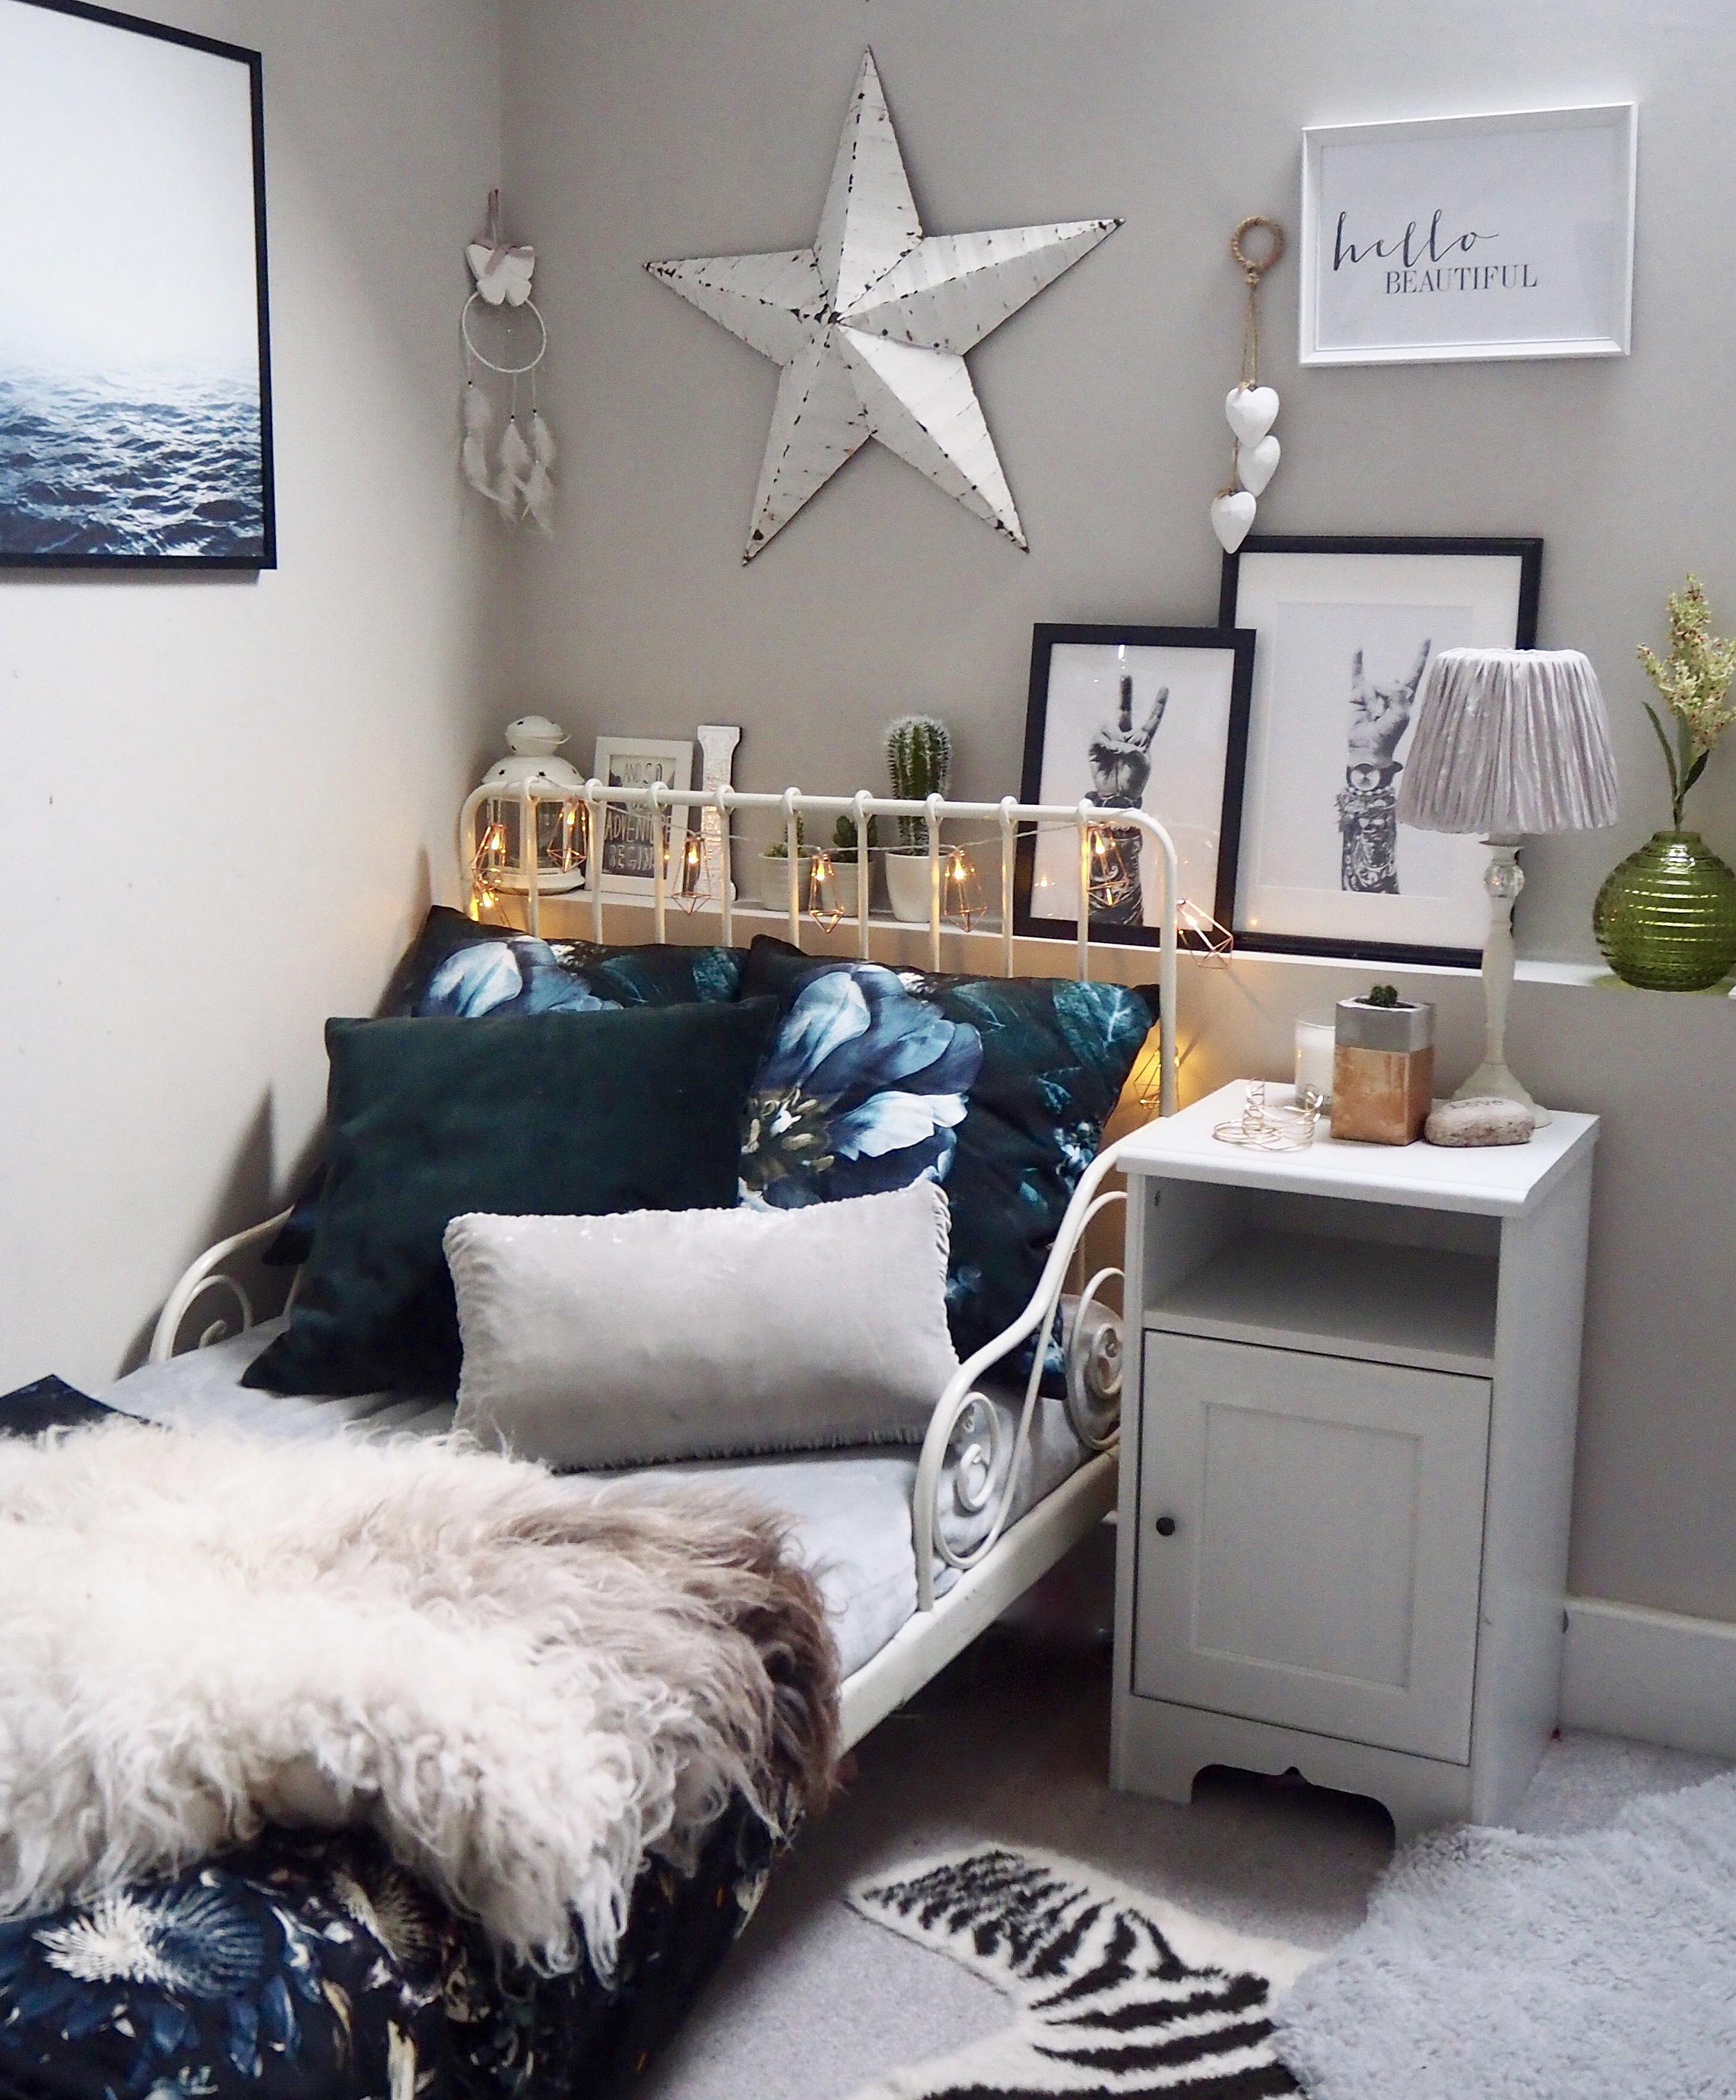 Scandi, hygge bedroom. Cosy bedroom